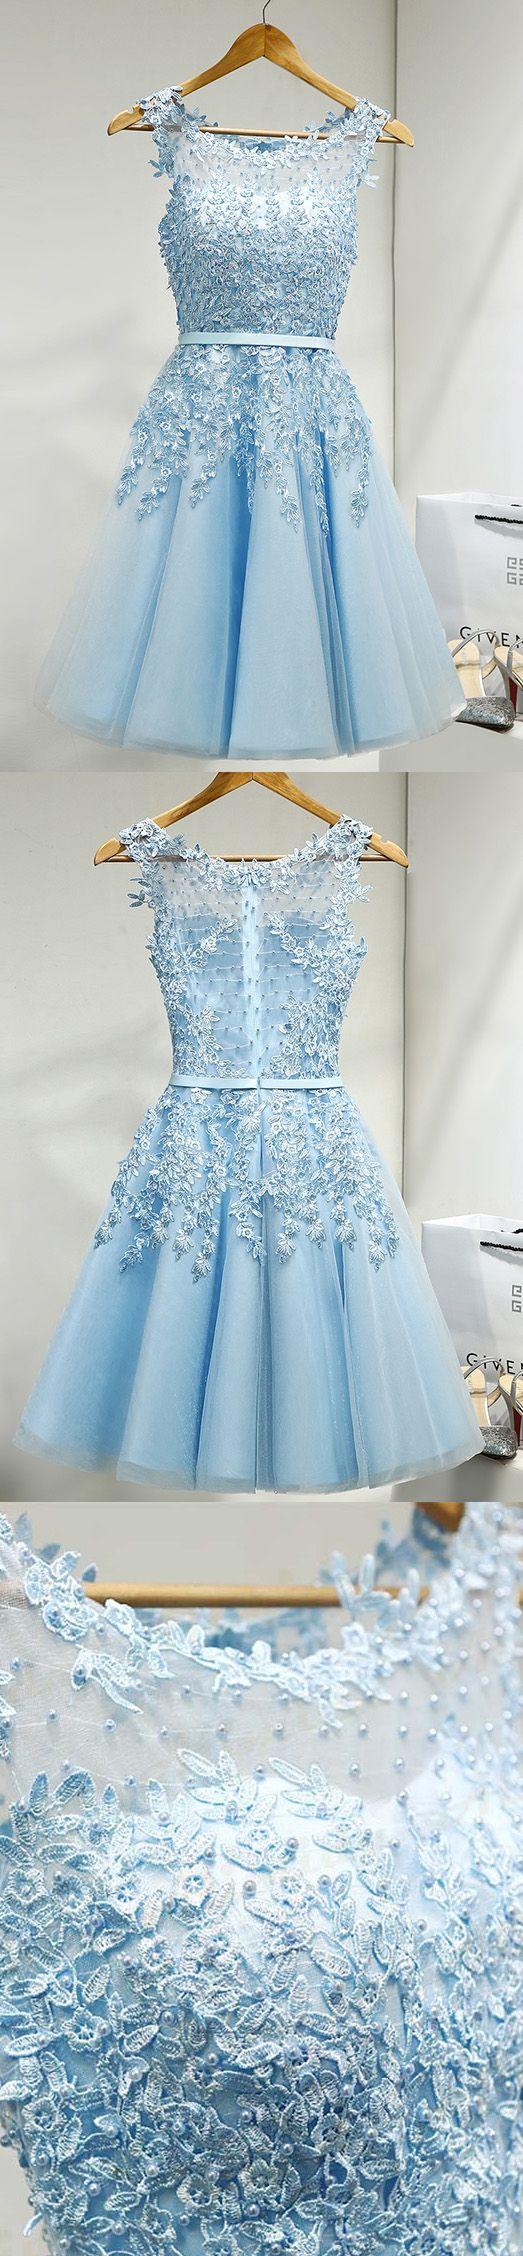 Princess Prom Dresses, Light Blue A-line/Princess Homecoming Dresses ...